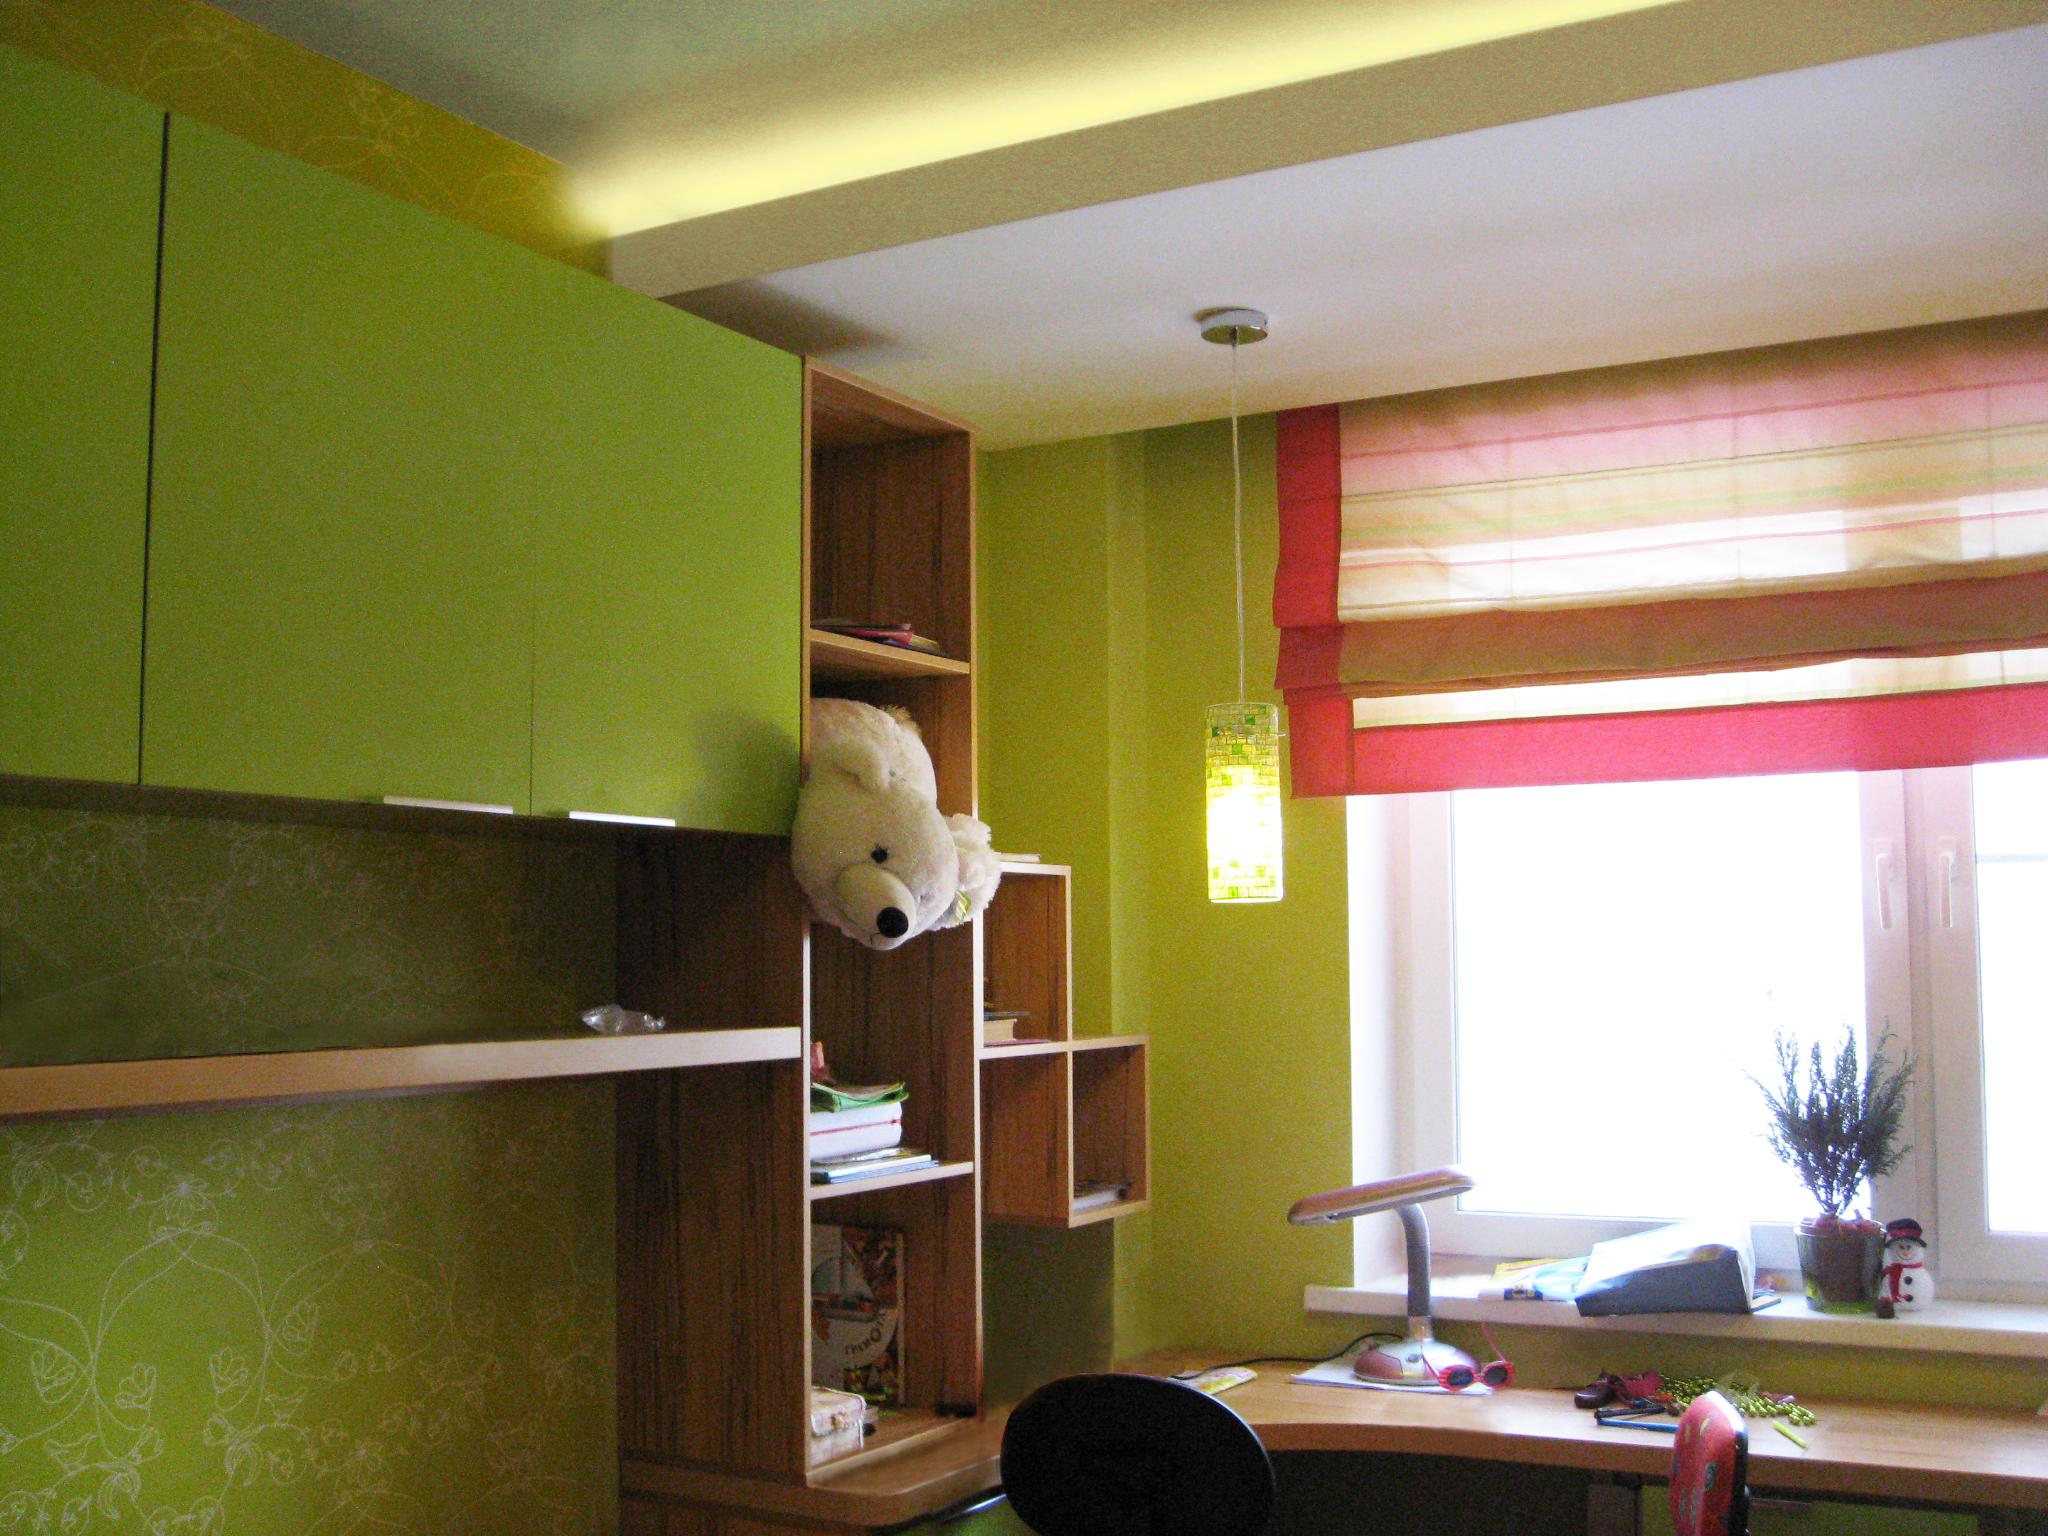 23.фрагменты детской комнаты